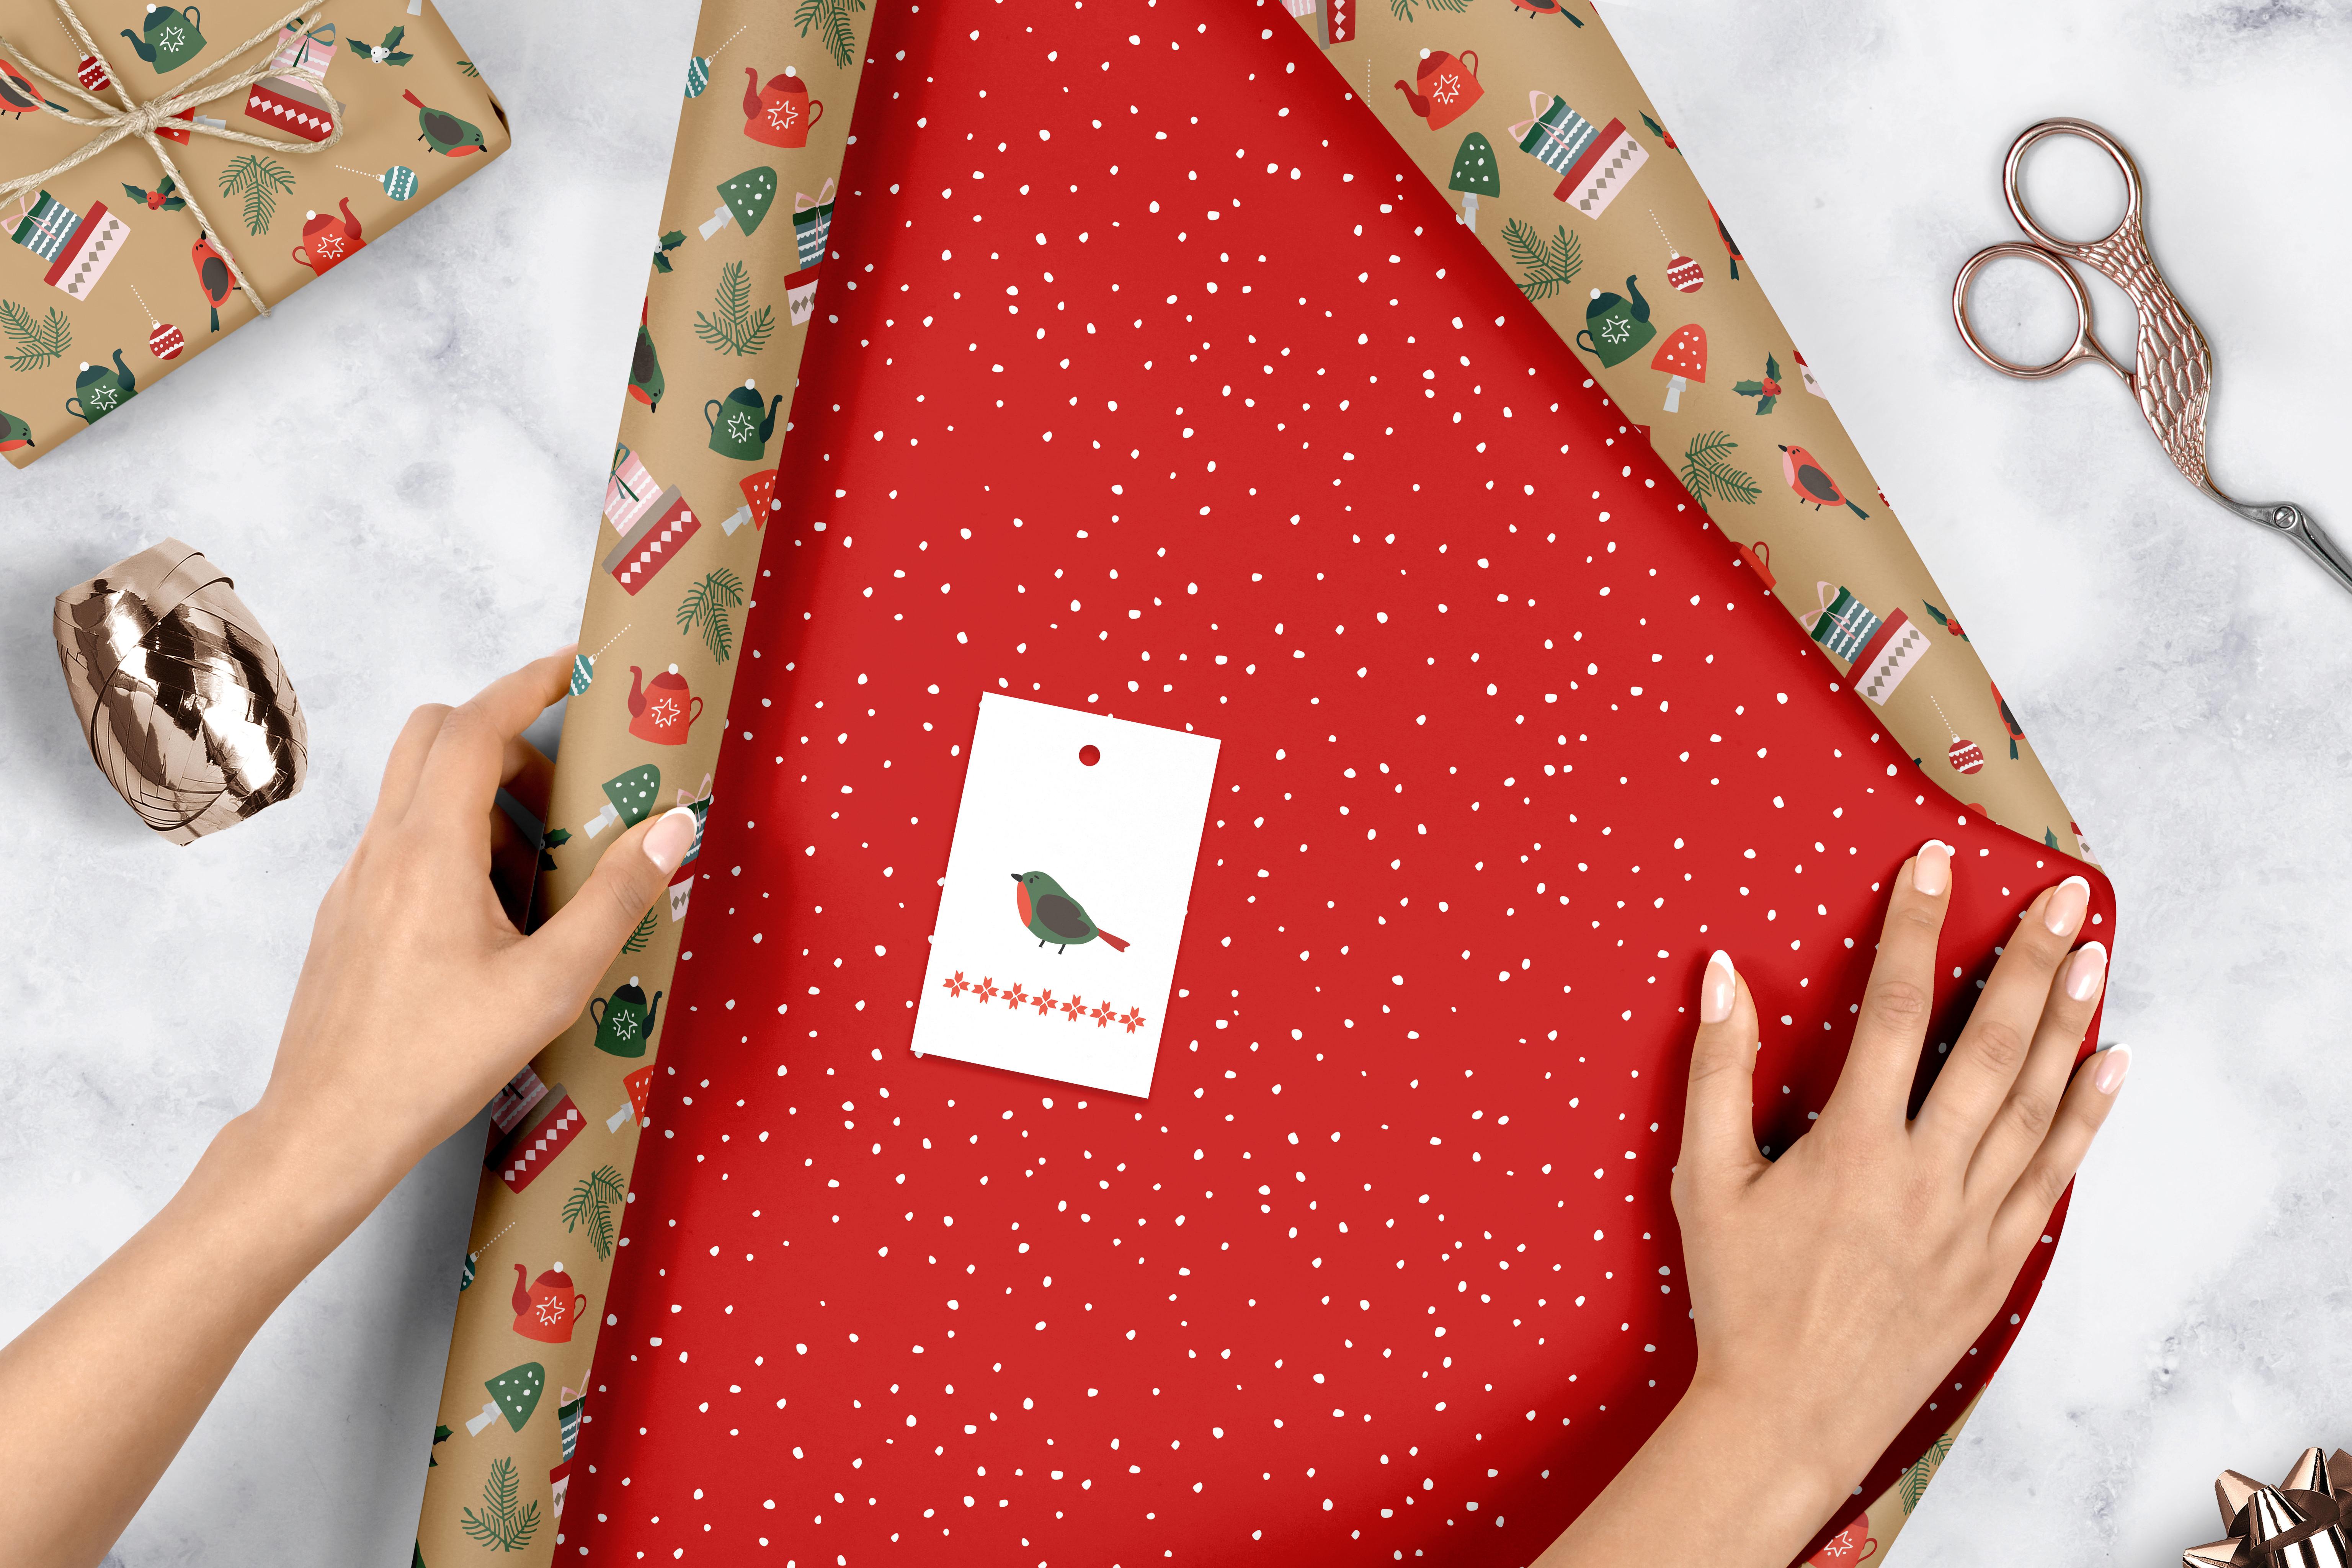 Geschenkpapier Weihnachten.Geschenkpapier Set Weihnachten Modernes Ornamente Muster Von 4x Dop